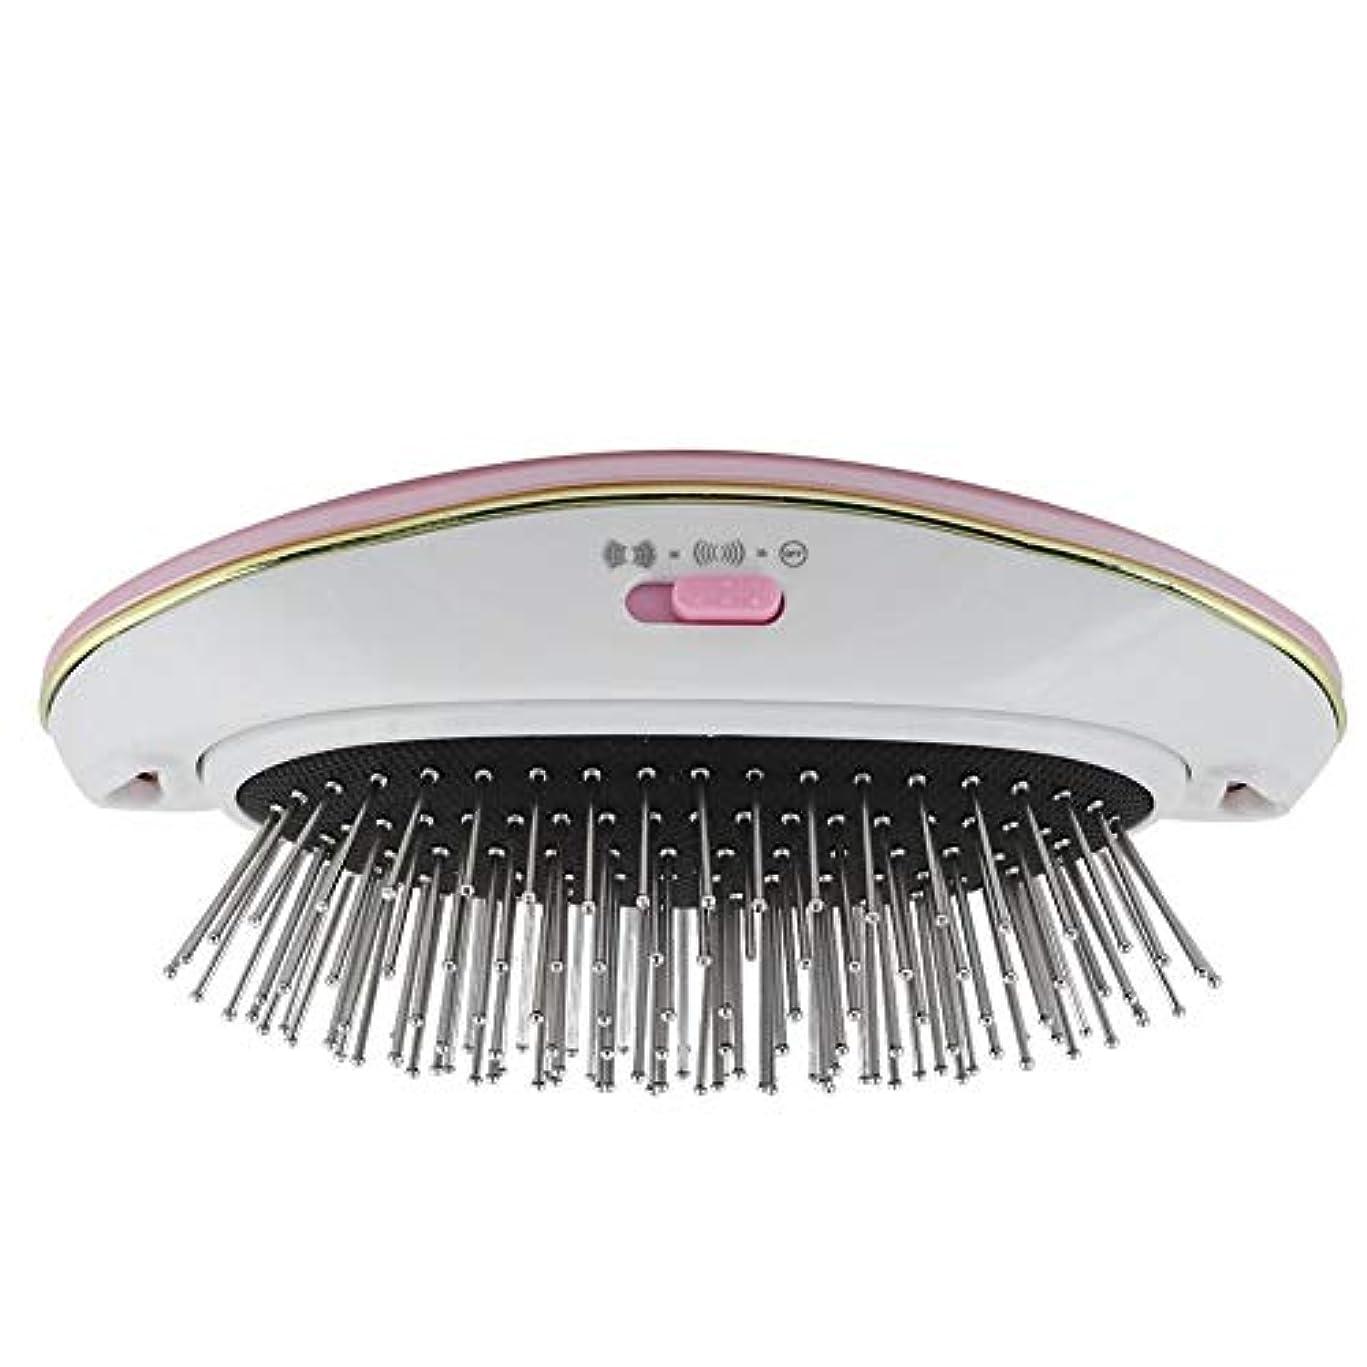 デコレーション感染する契約するヘアーコーム 電動ヘアブラシ リラックススカルプ 育毛スカルプ マッサージ 振動防止 髪喪失ストレート ヘアコーム 小型 携带用(Pink)